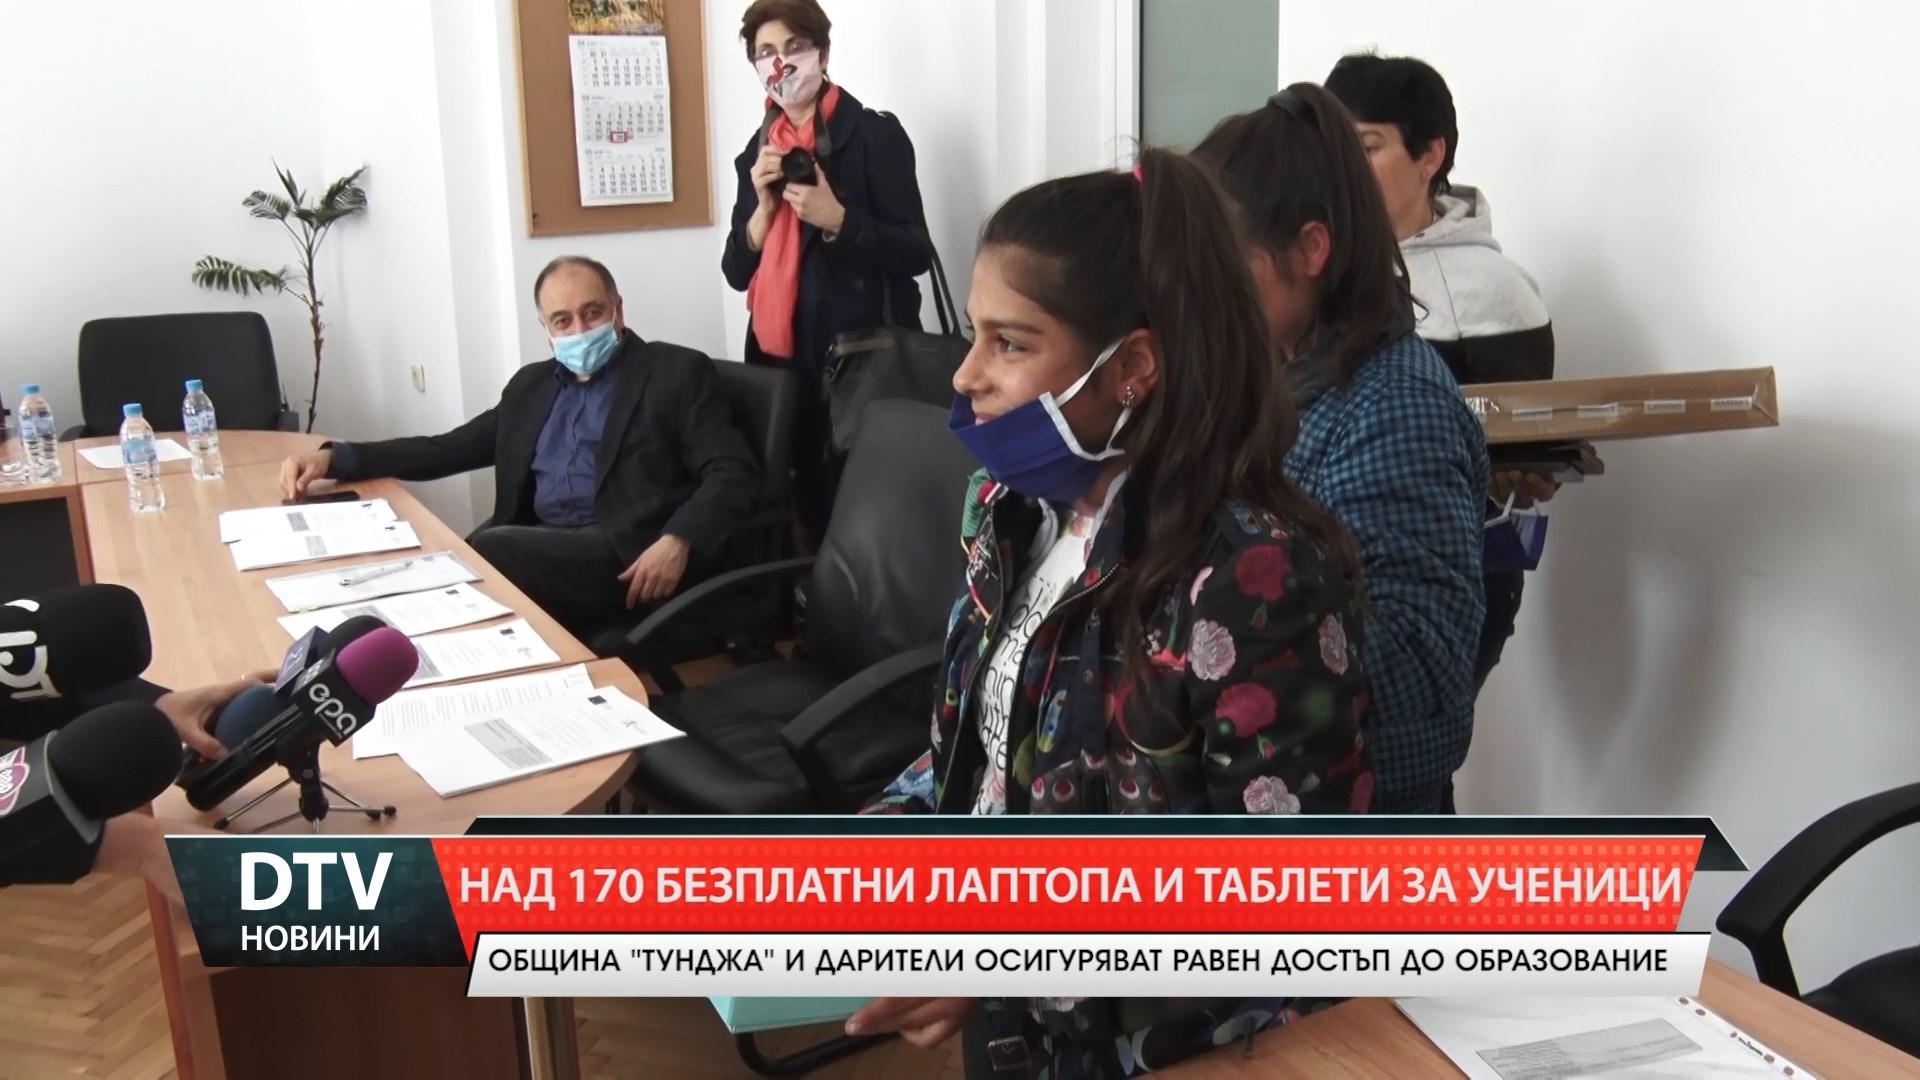 Безплатни таблети и лаптопи  за ученици в община Тунджа